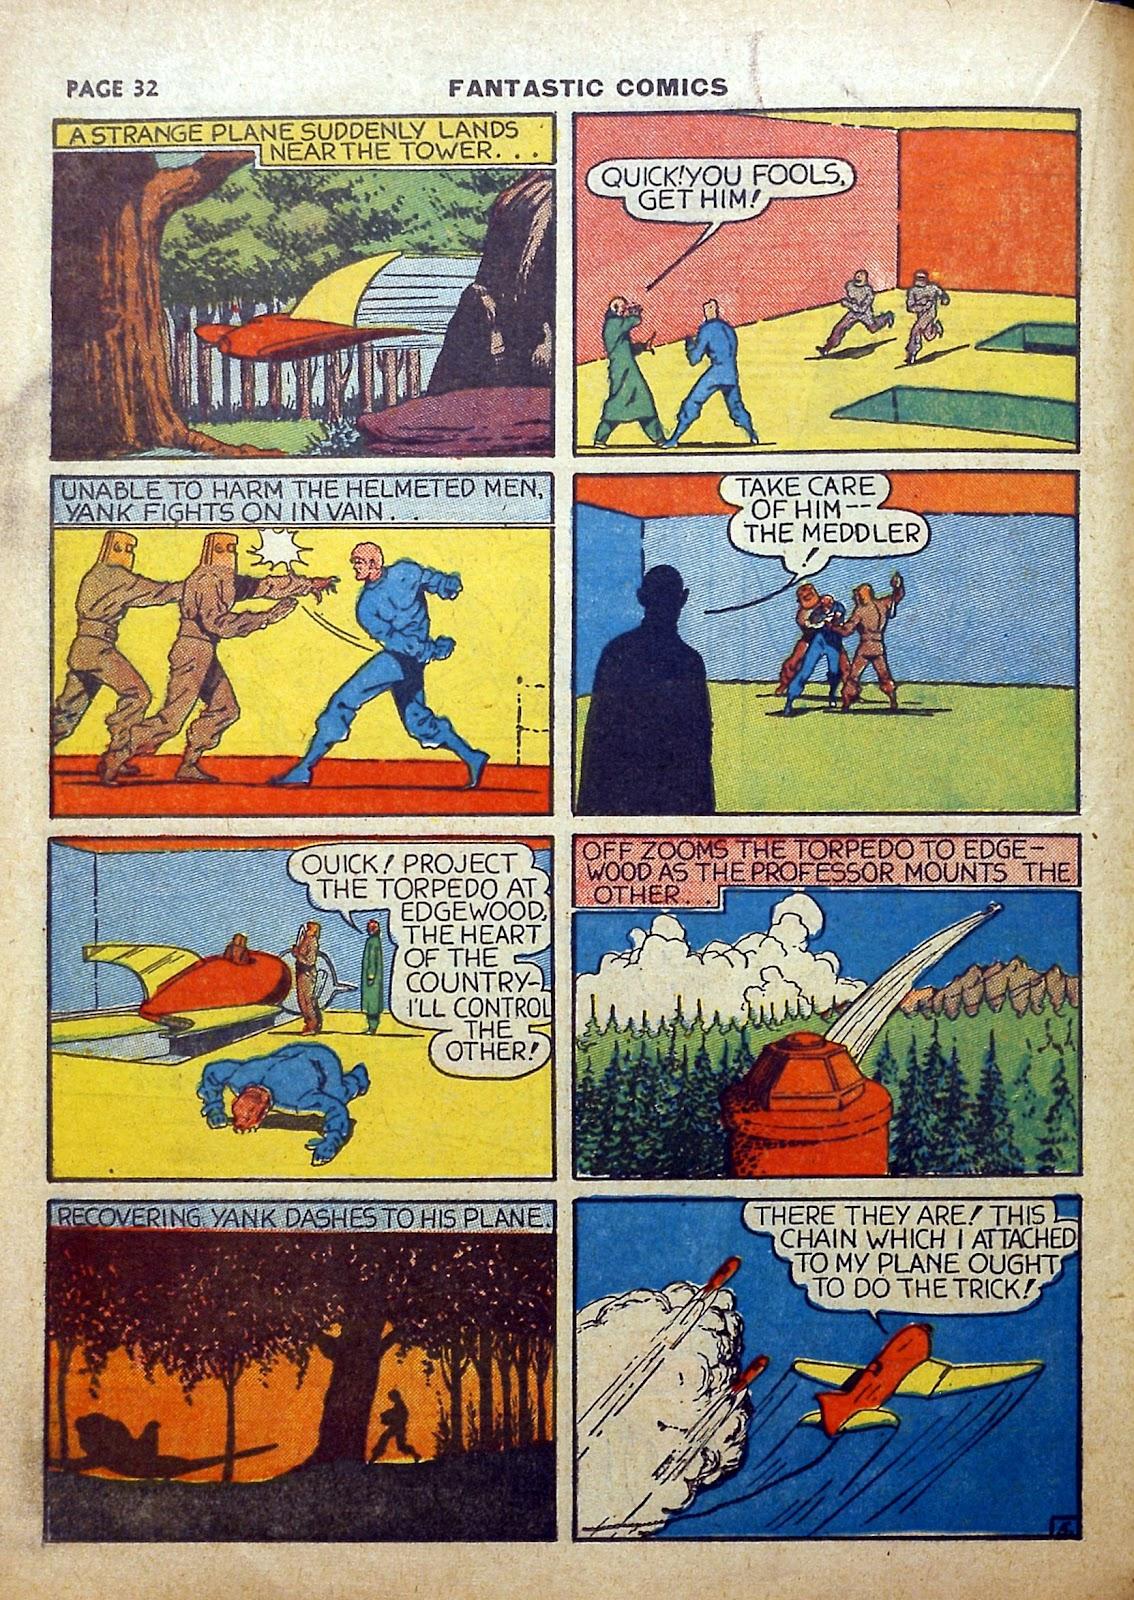 Read online Fantastic Comics comic -  Issue #5 - 33